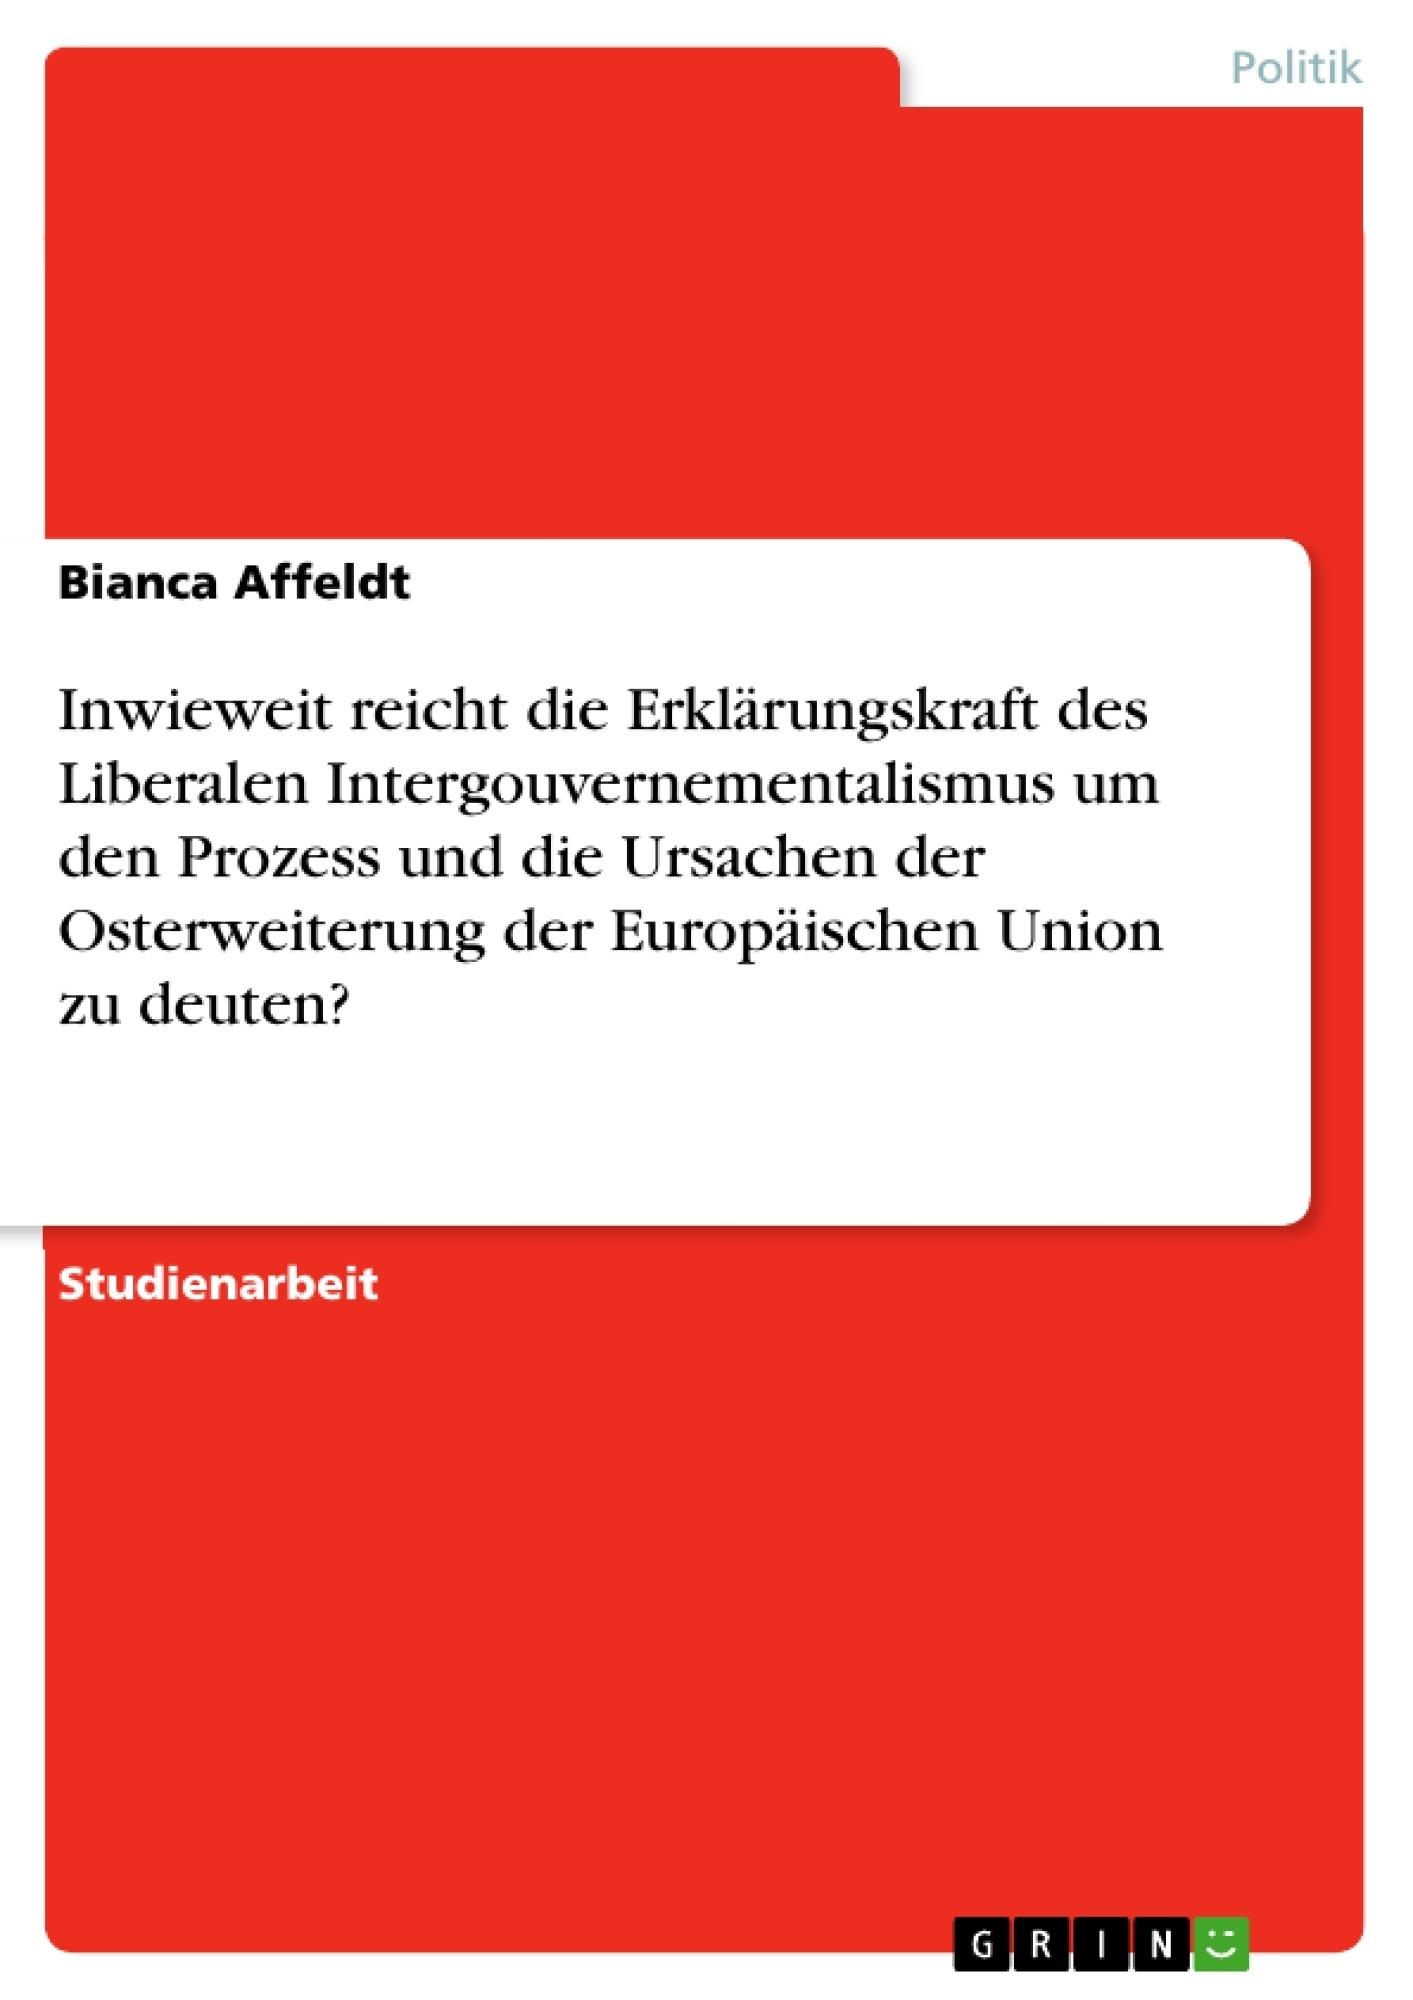 Titel: Inwieweit reicht die Erklärungskraft des Liberalen Intergouvernementalismus um den Prozess und die Ursachen der Osterweiterung der Europäischen Union zu deuten?